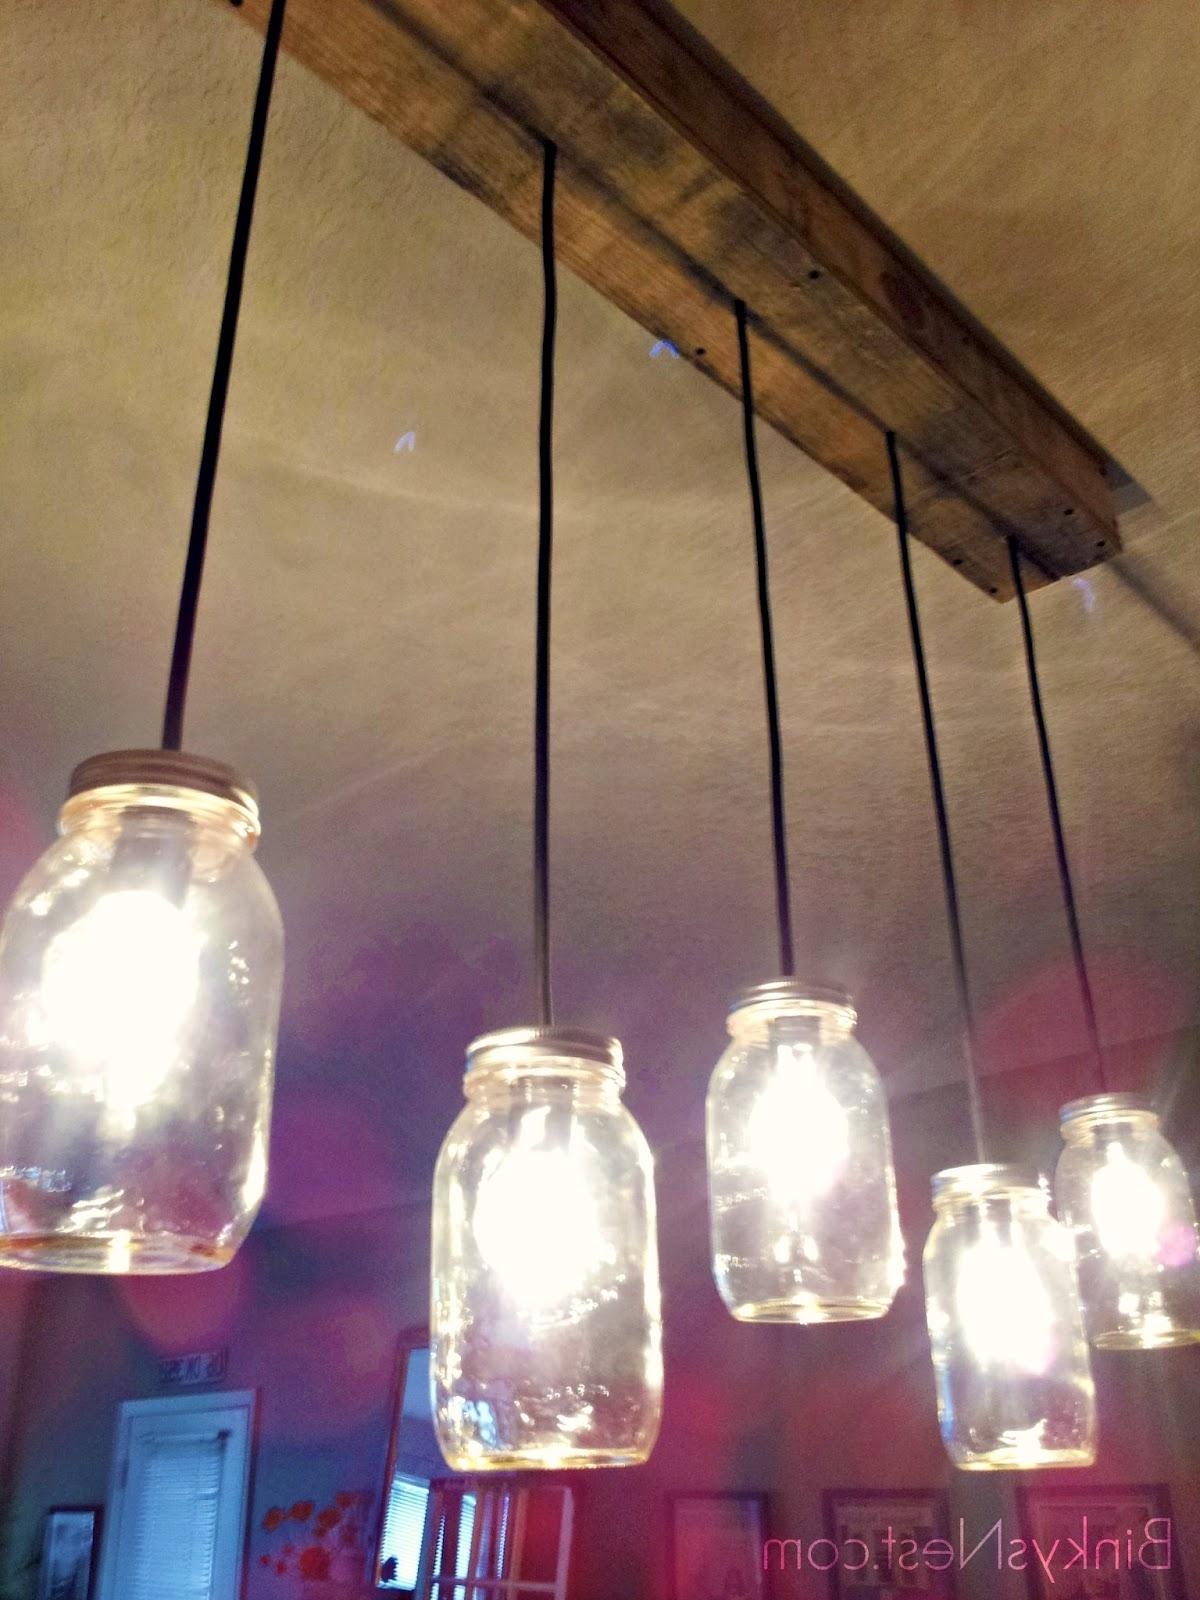 Famous Diy Outdoor Ceiling Lights In Twenty8divine: Mason Jar & Rustic Pallet Light Fixture Diy (View 3 of 20)